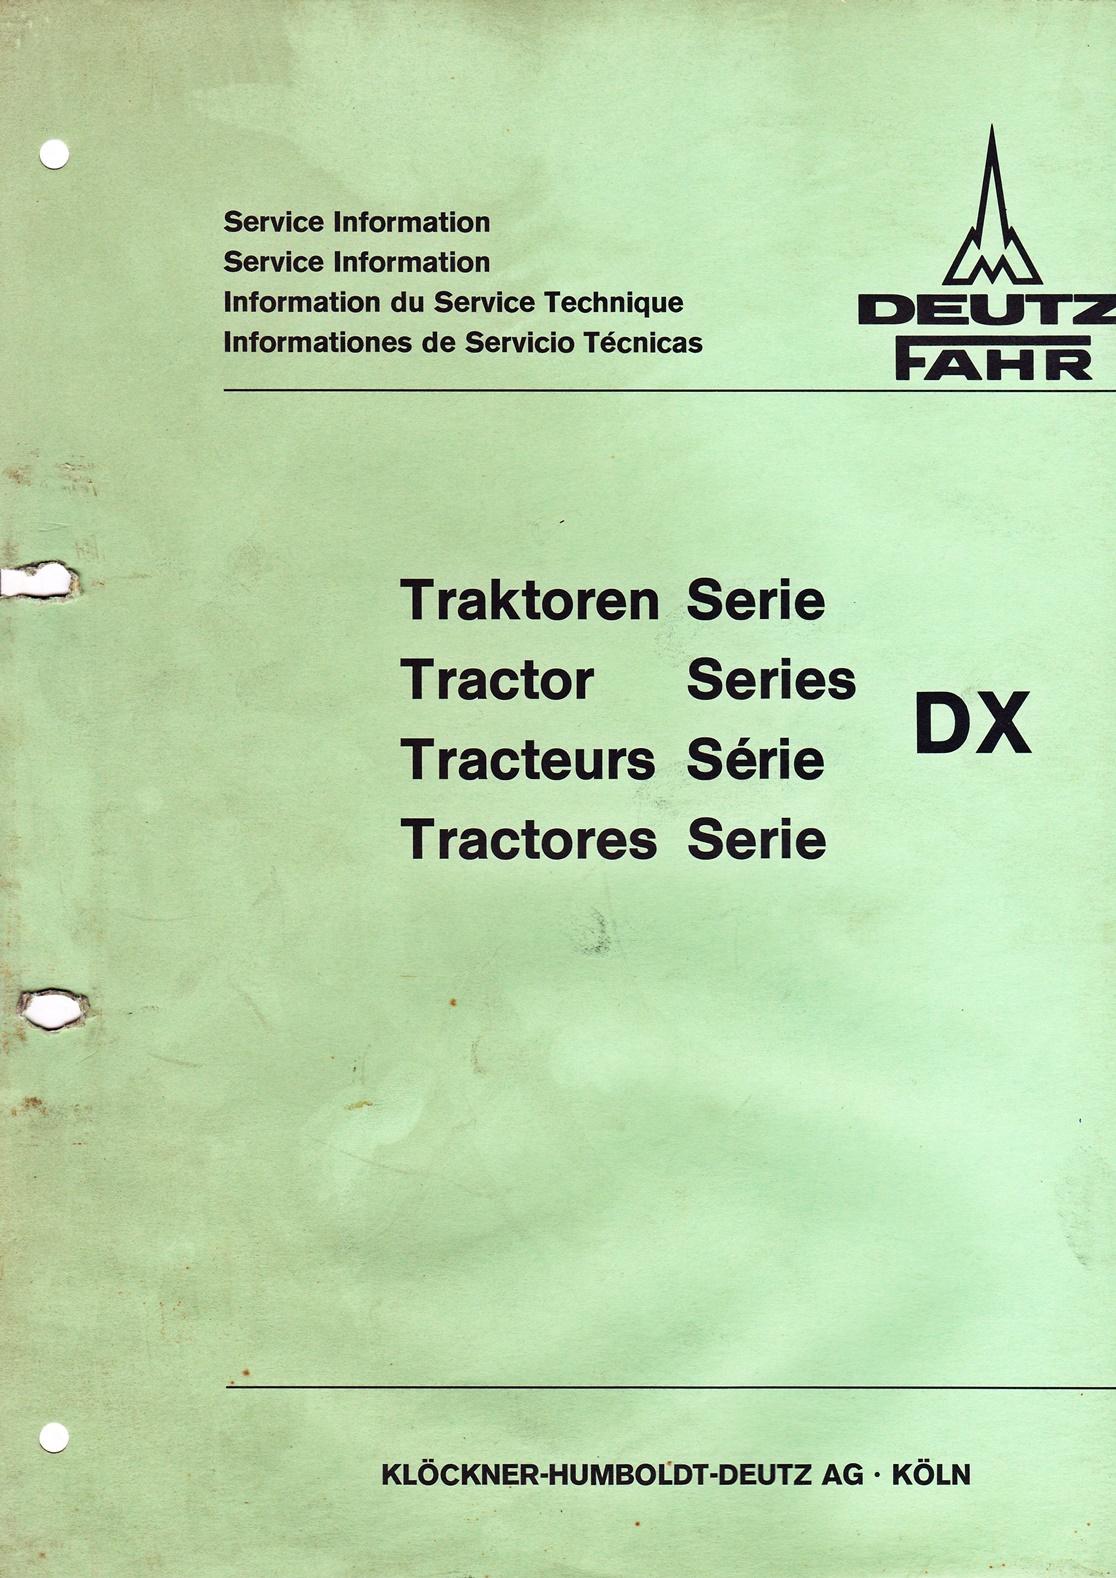 Service Informationen, Deutz Fahr Traktoren der Serie DX